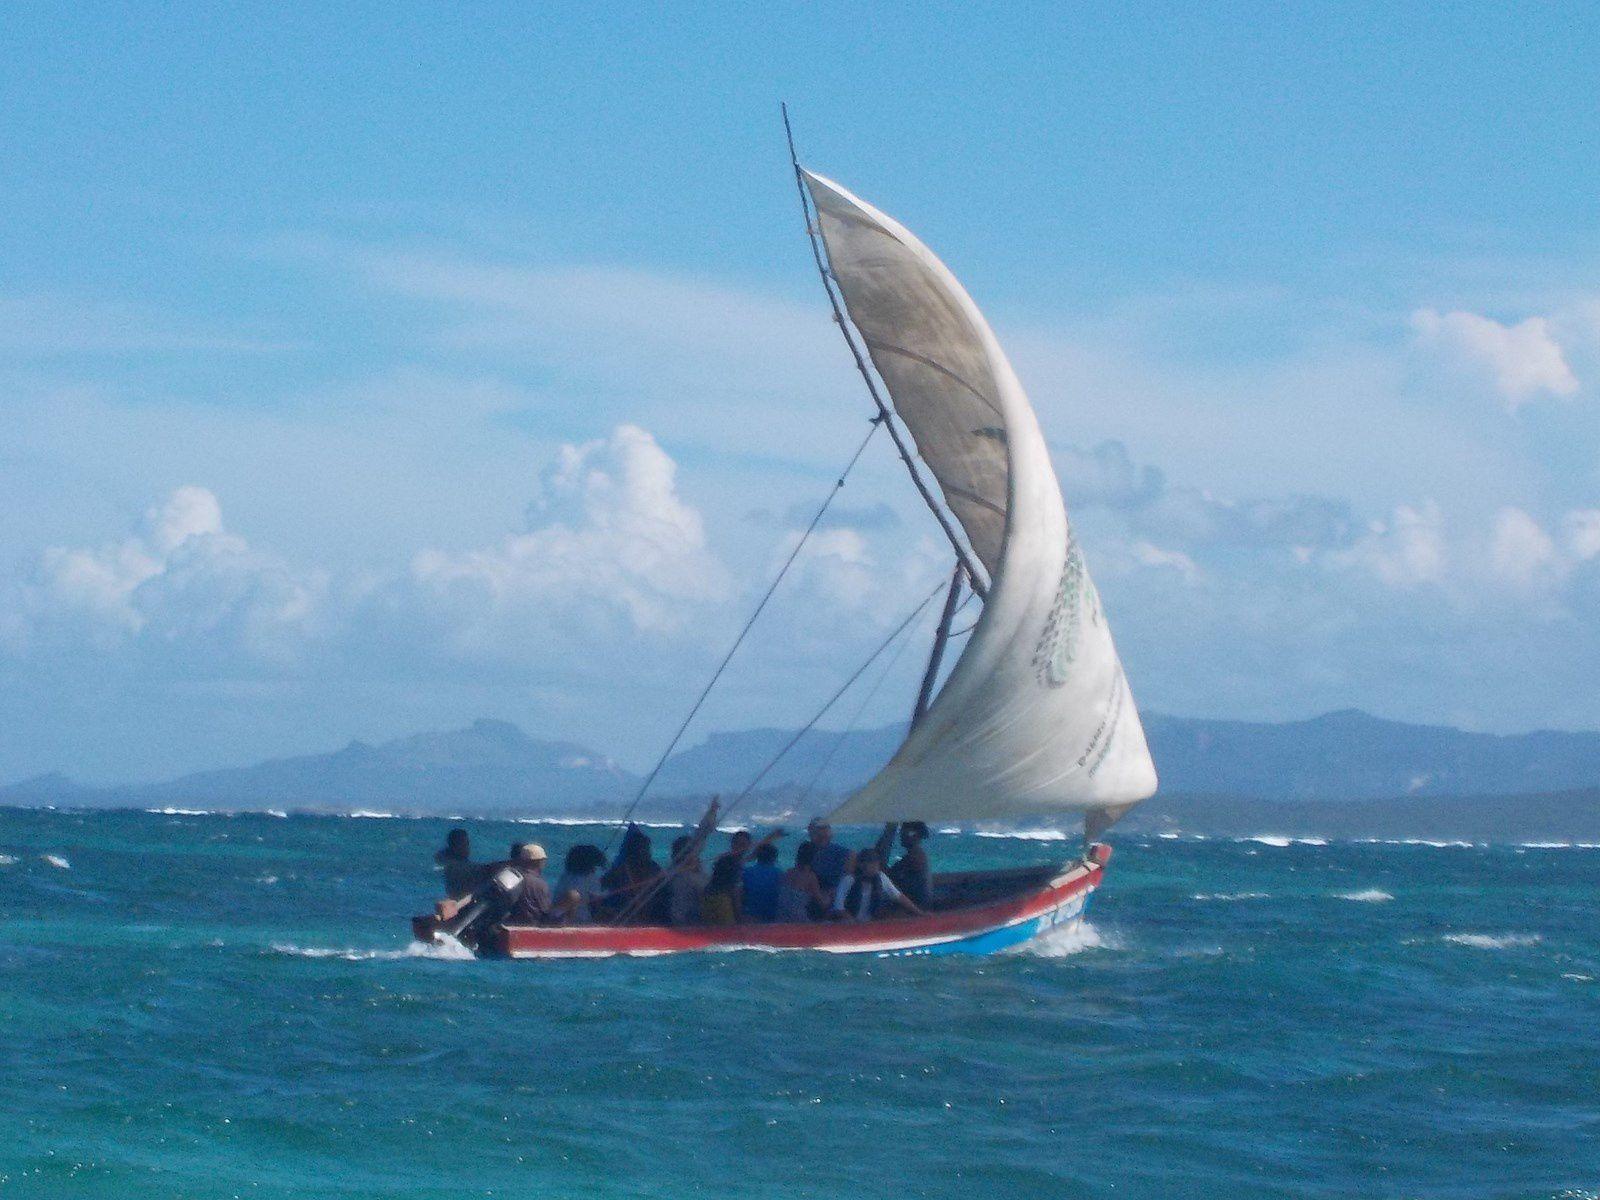 un dimanche pour souffler, c'est nécessaire pour supporter le rude quotidien &#x3B; toute l'équipe s'est accordé un dimanche en mer d'Emeraude &#x3B; skippers : Richard et Joe le papa de Zina + Micka pour aider à la manoeuvre &#x3B; sur place, la mer se retire très loin car c'est marée d'équinoxe &#x3B; dans la gargote d'Elodie (CE2) un mobile fait avec des coquillages par les enfants &#x3B; le soir, revenu dans le village, je médite devant les pigeons qui cherchent leur pitance devant les gargotes, surtout l'un d'entre eux, qui n'a plus qu'une patte, il saute inlassablement toutes les secondes pour survivre &#x3B; il est le symbole de son pays